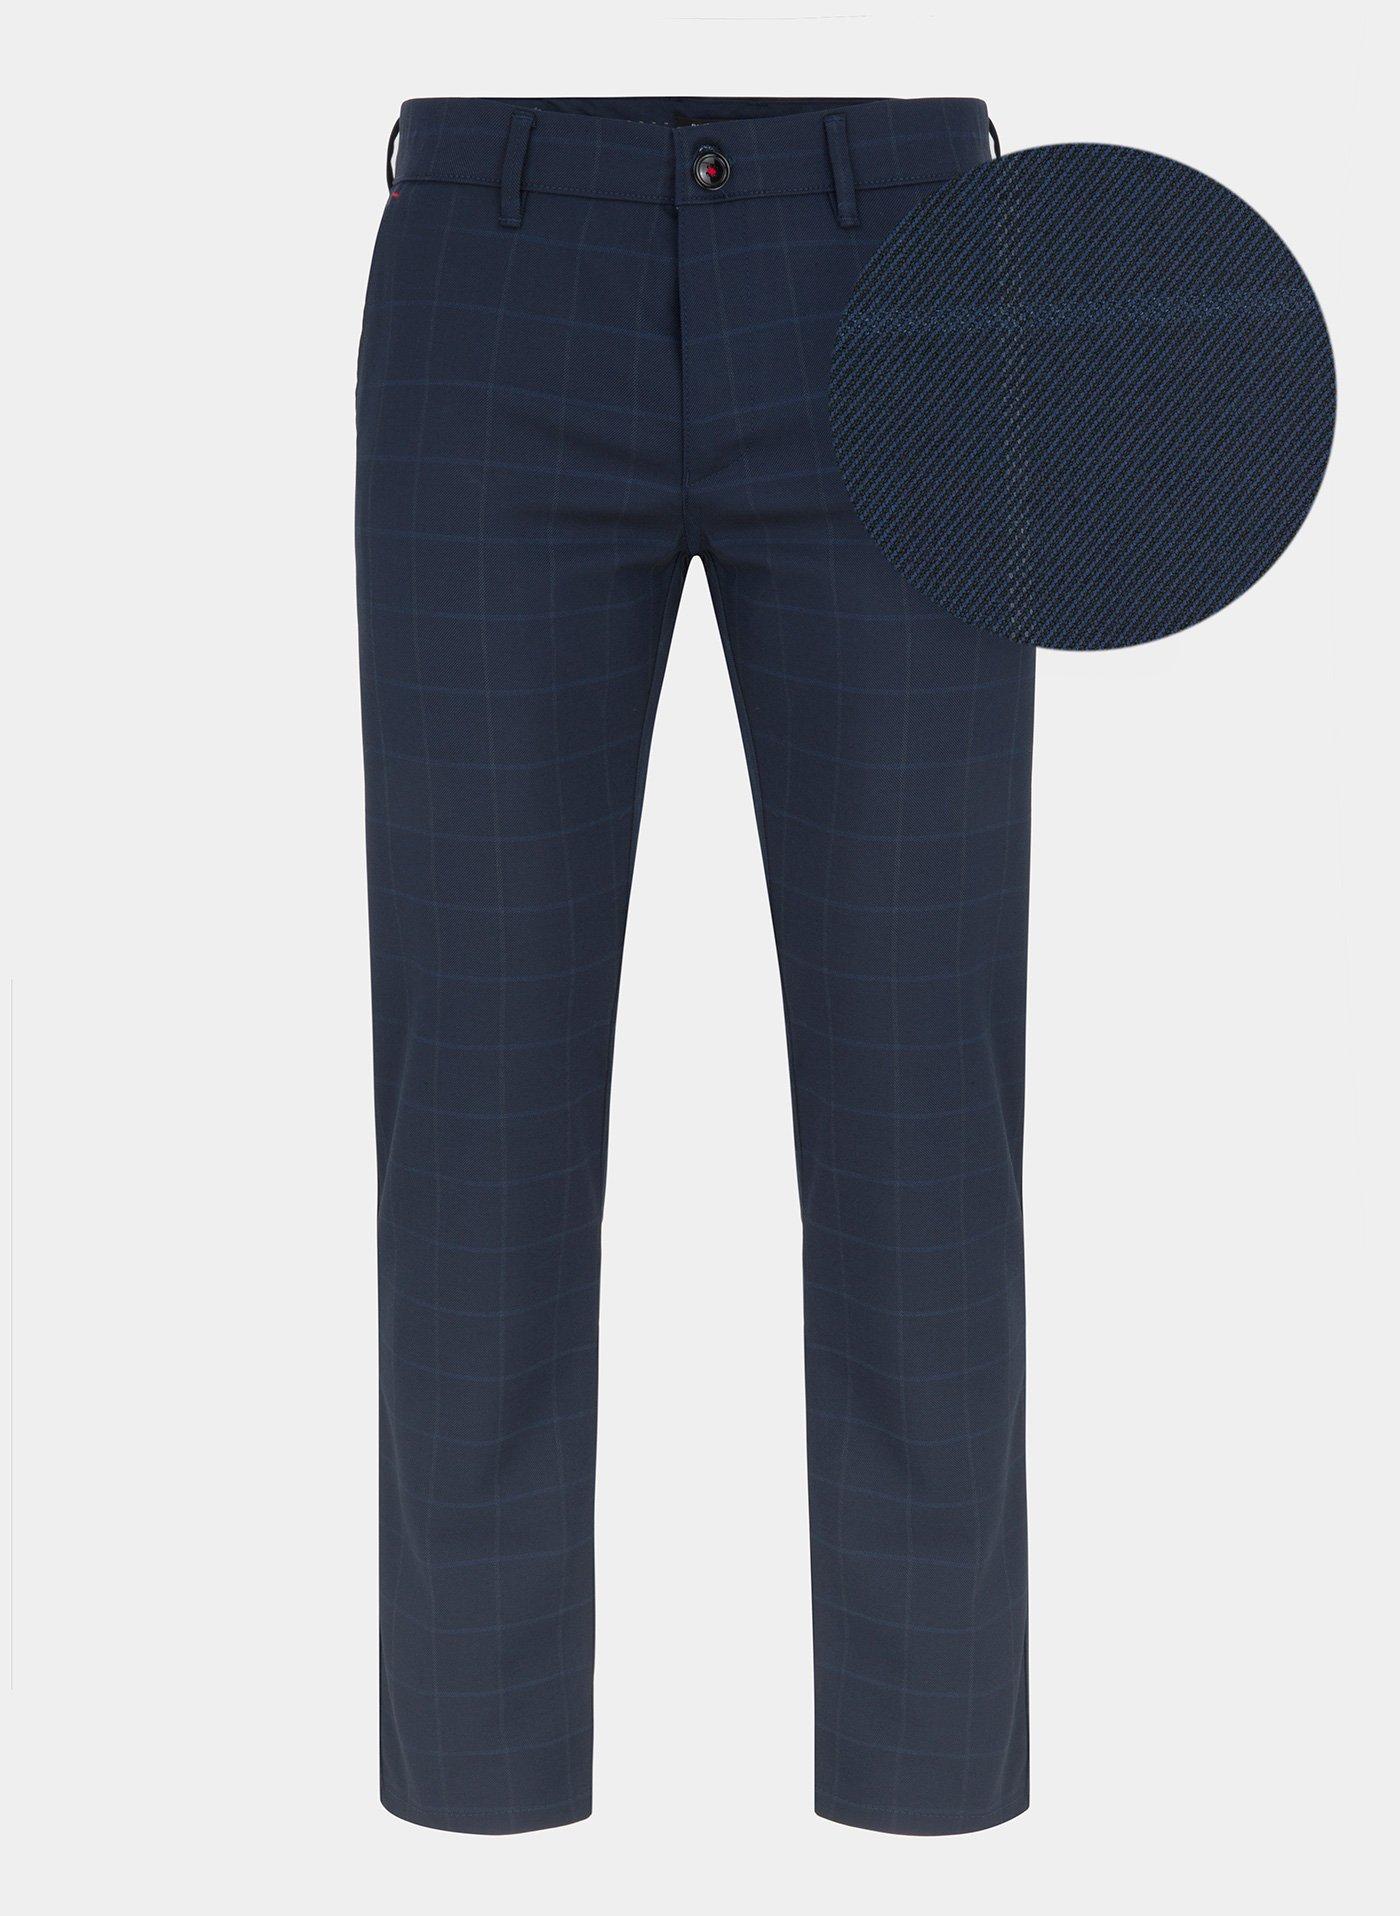 Spodnie męskie DORJE PLM-WX-213-G